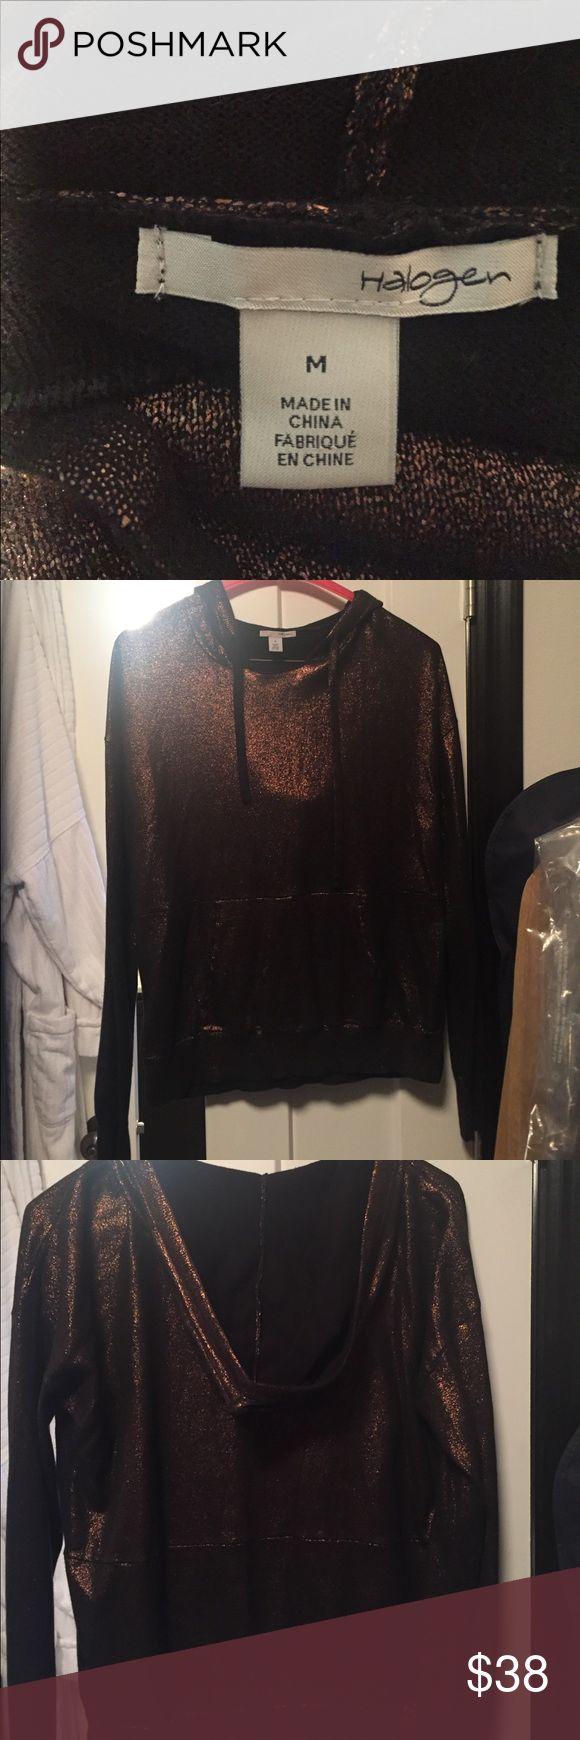 Halogen copper metallic hoody with kangaroo pouch Copper metallic hoody worn once brand halogen Halogen Tops Sweatshirts & Hoodies